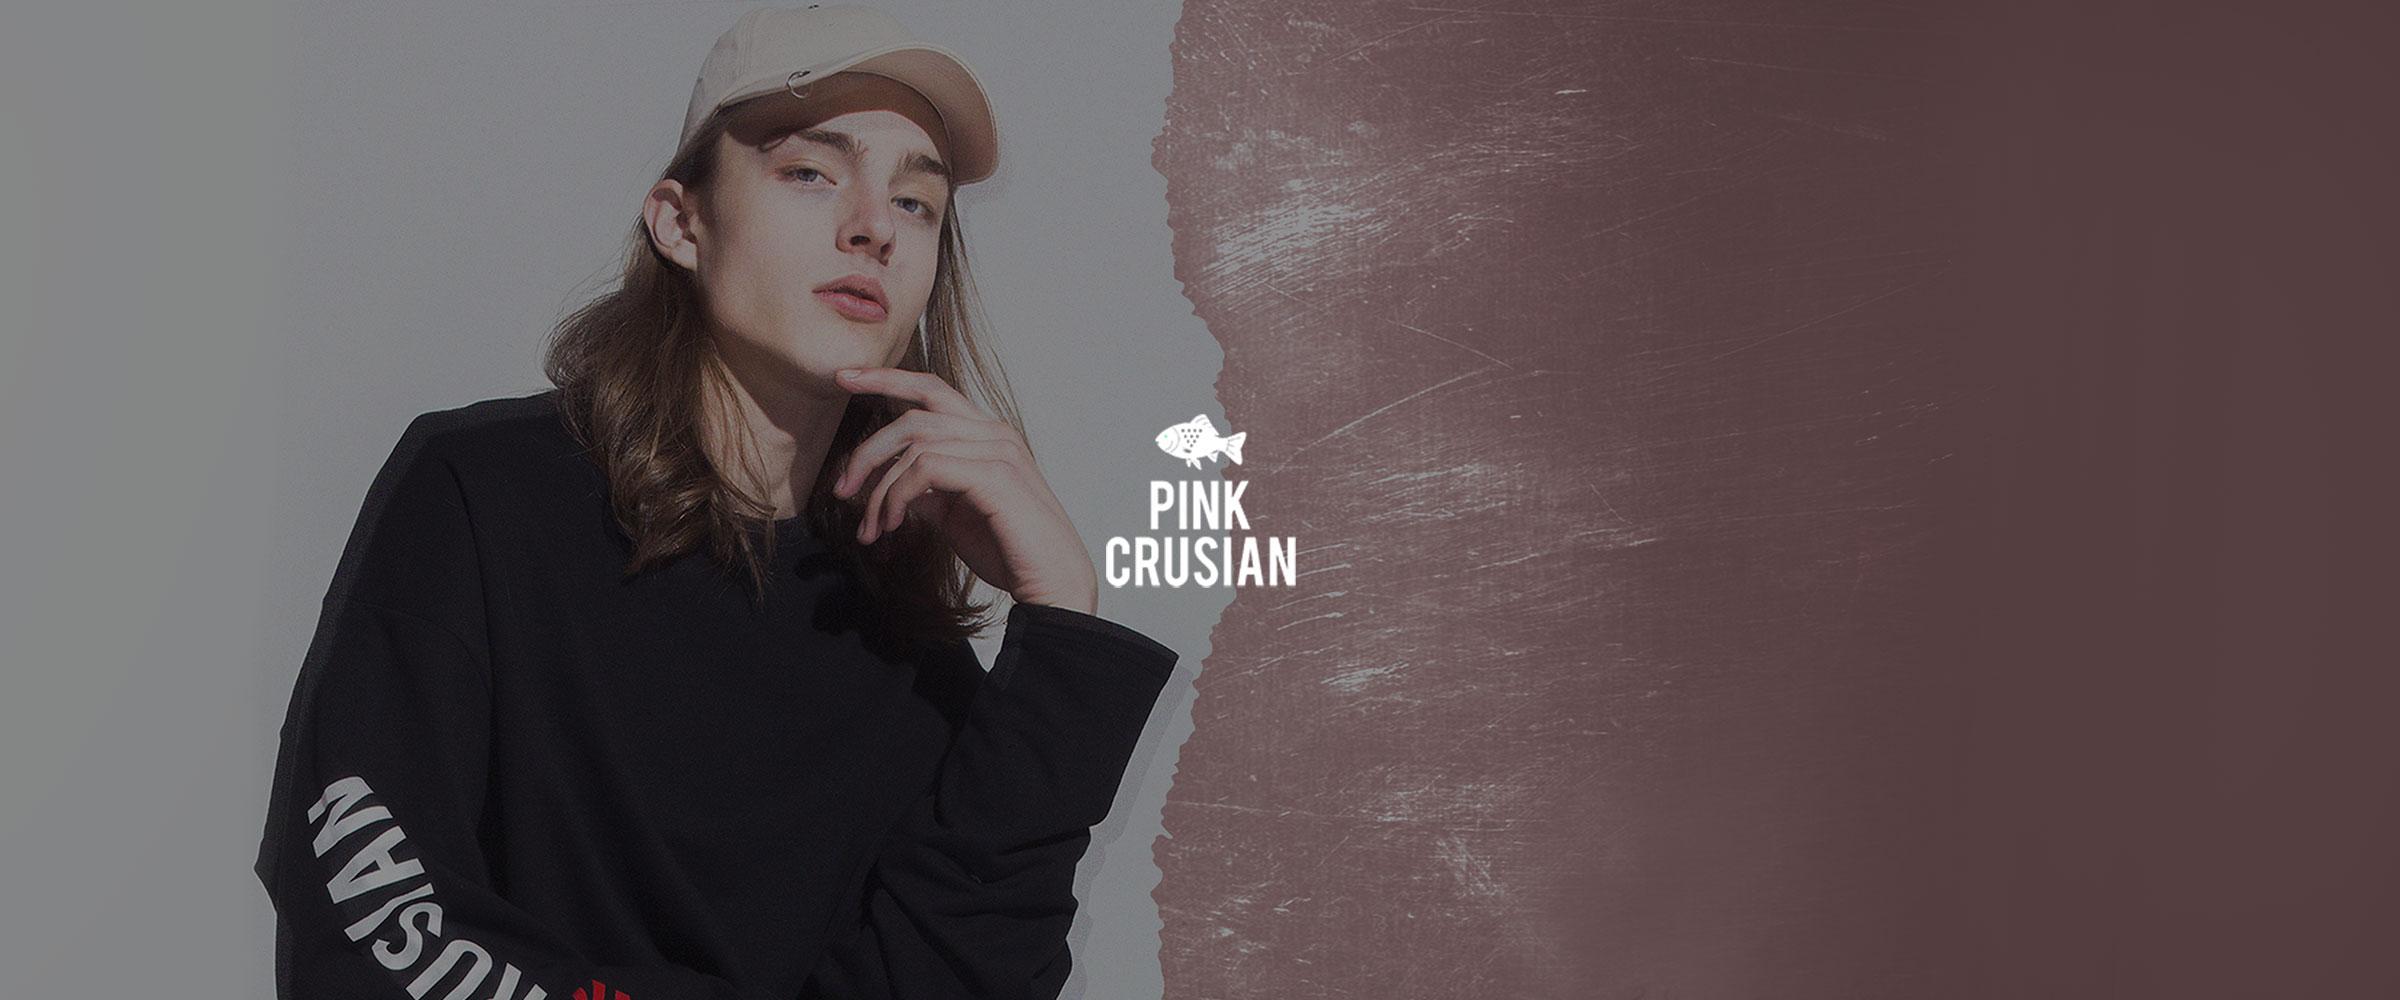 pinkcrusian.jpg